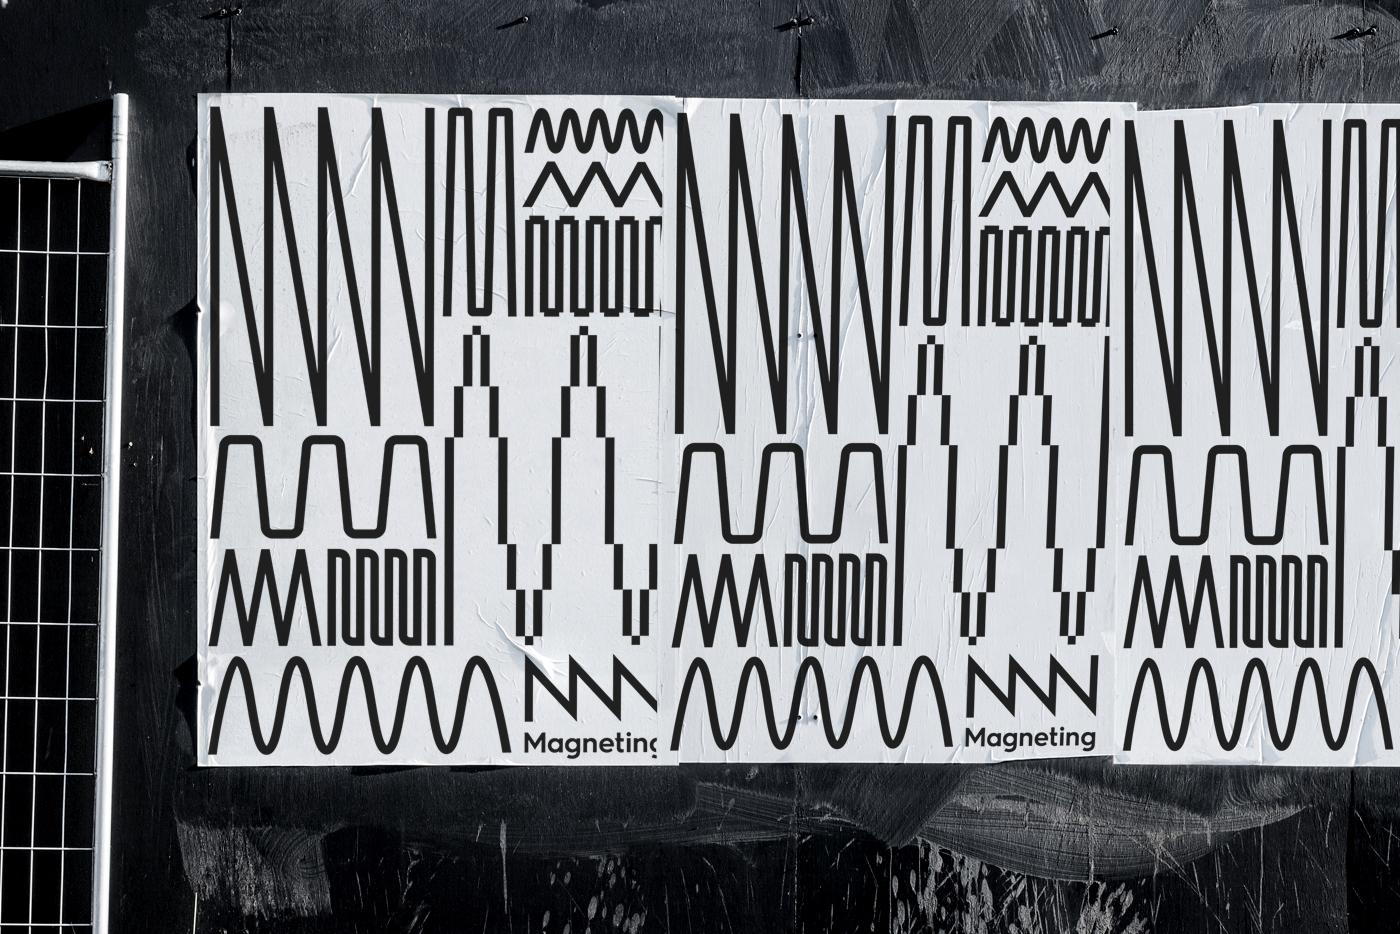 Lukas Vanco: Magneting